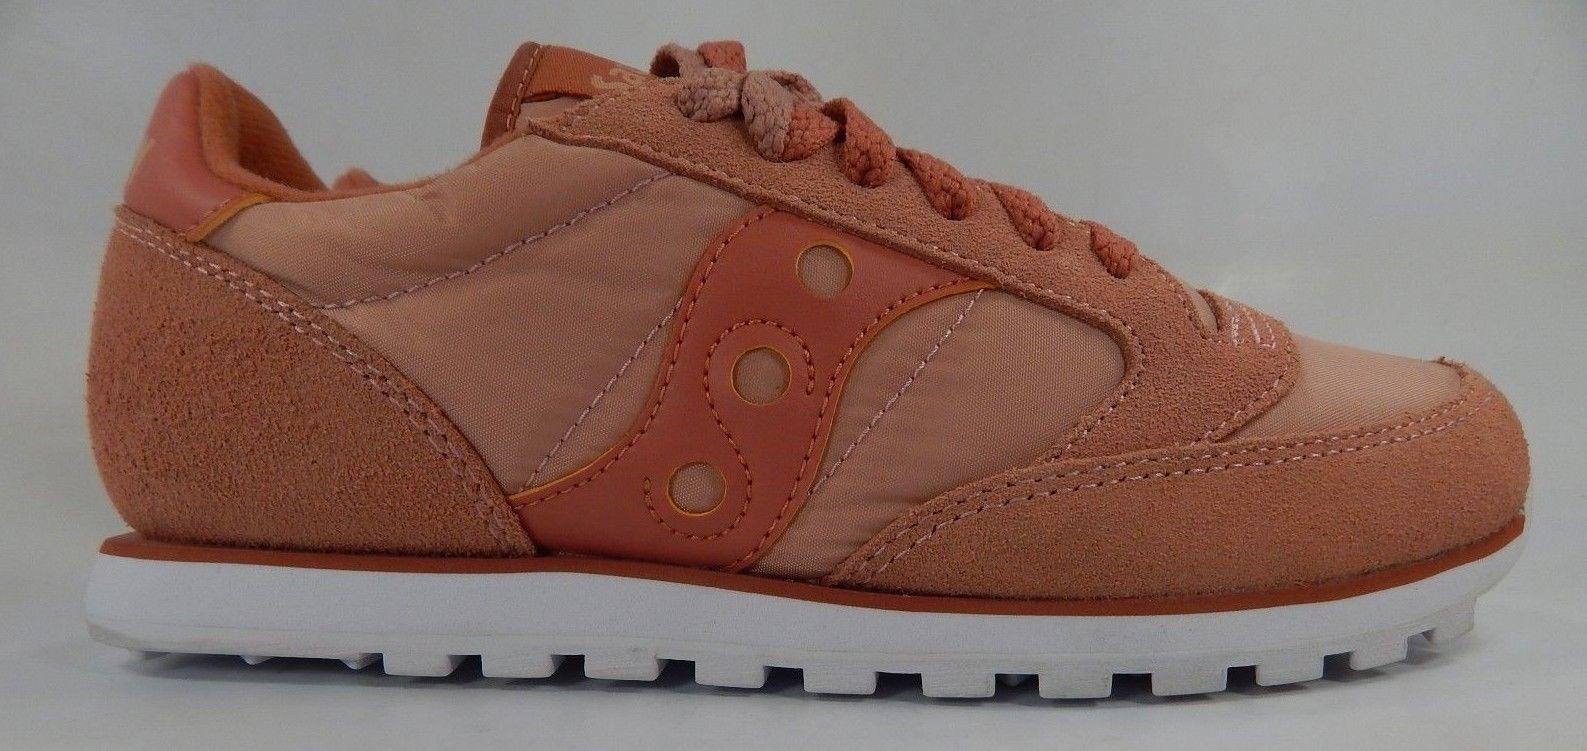 Saucony Original Jazz Low Pro Women's Shoes Size 7 M (B) EU 38 Pink S1866-244